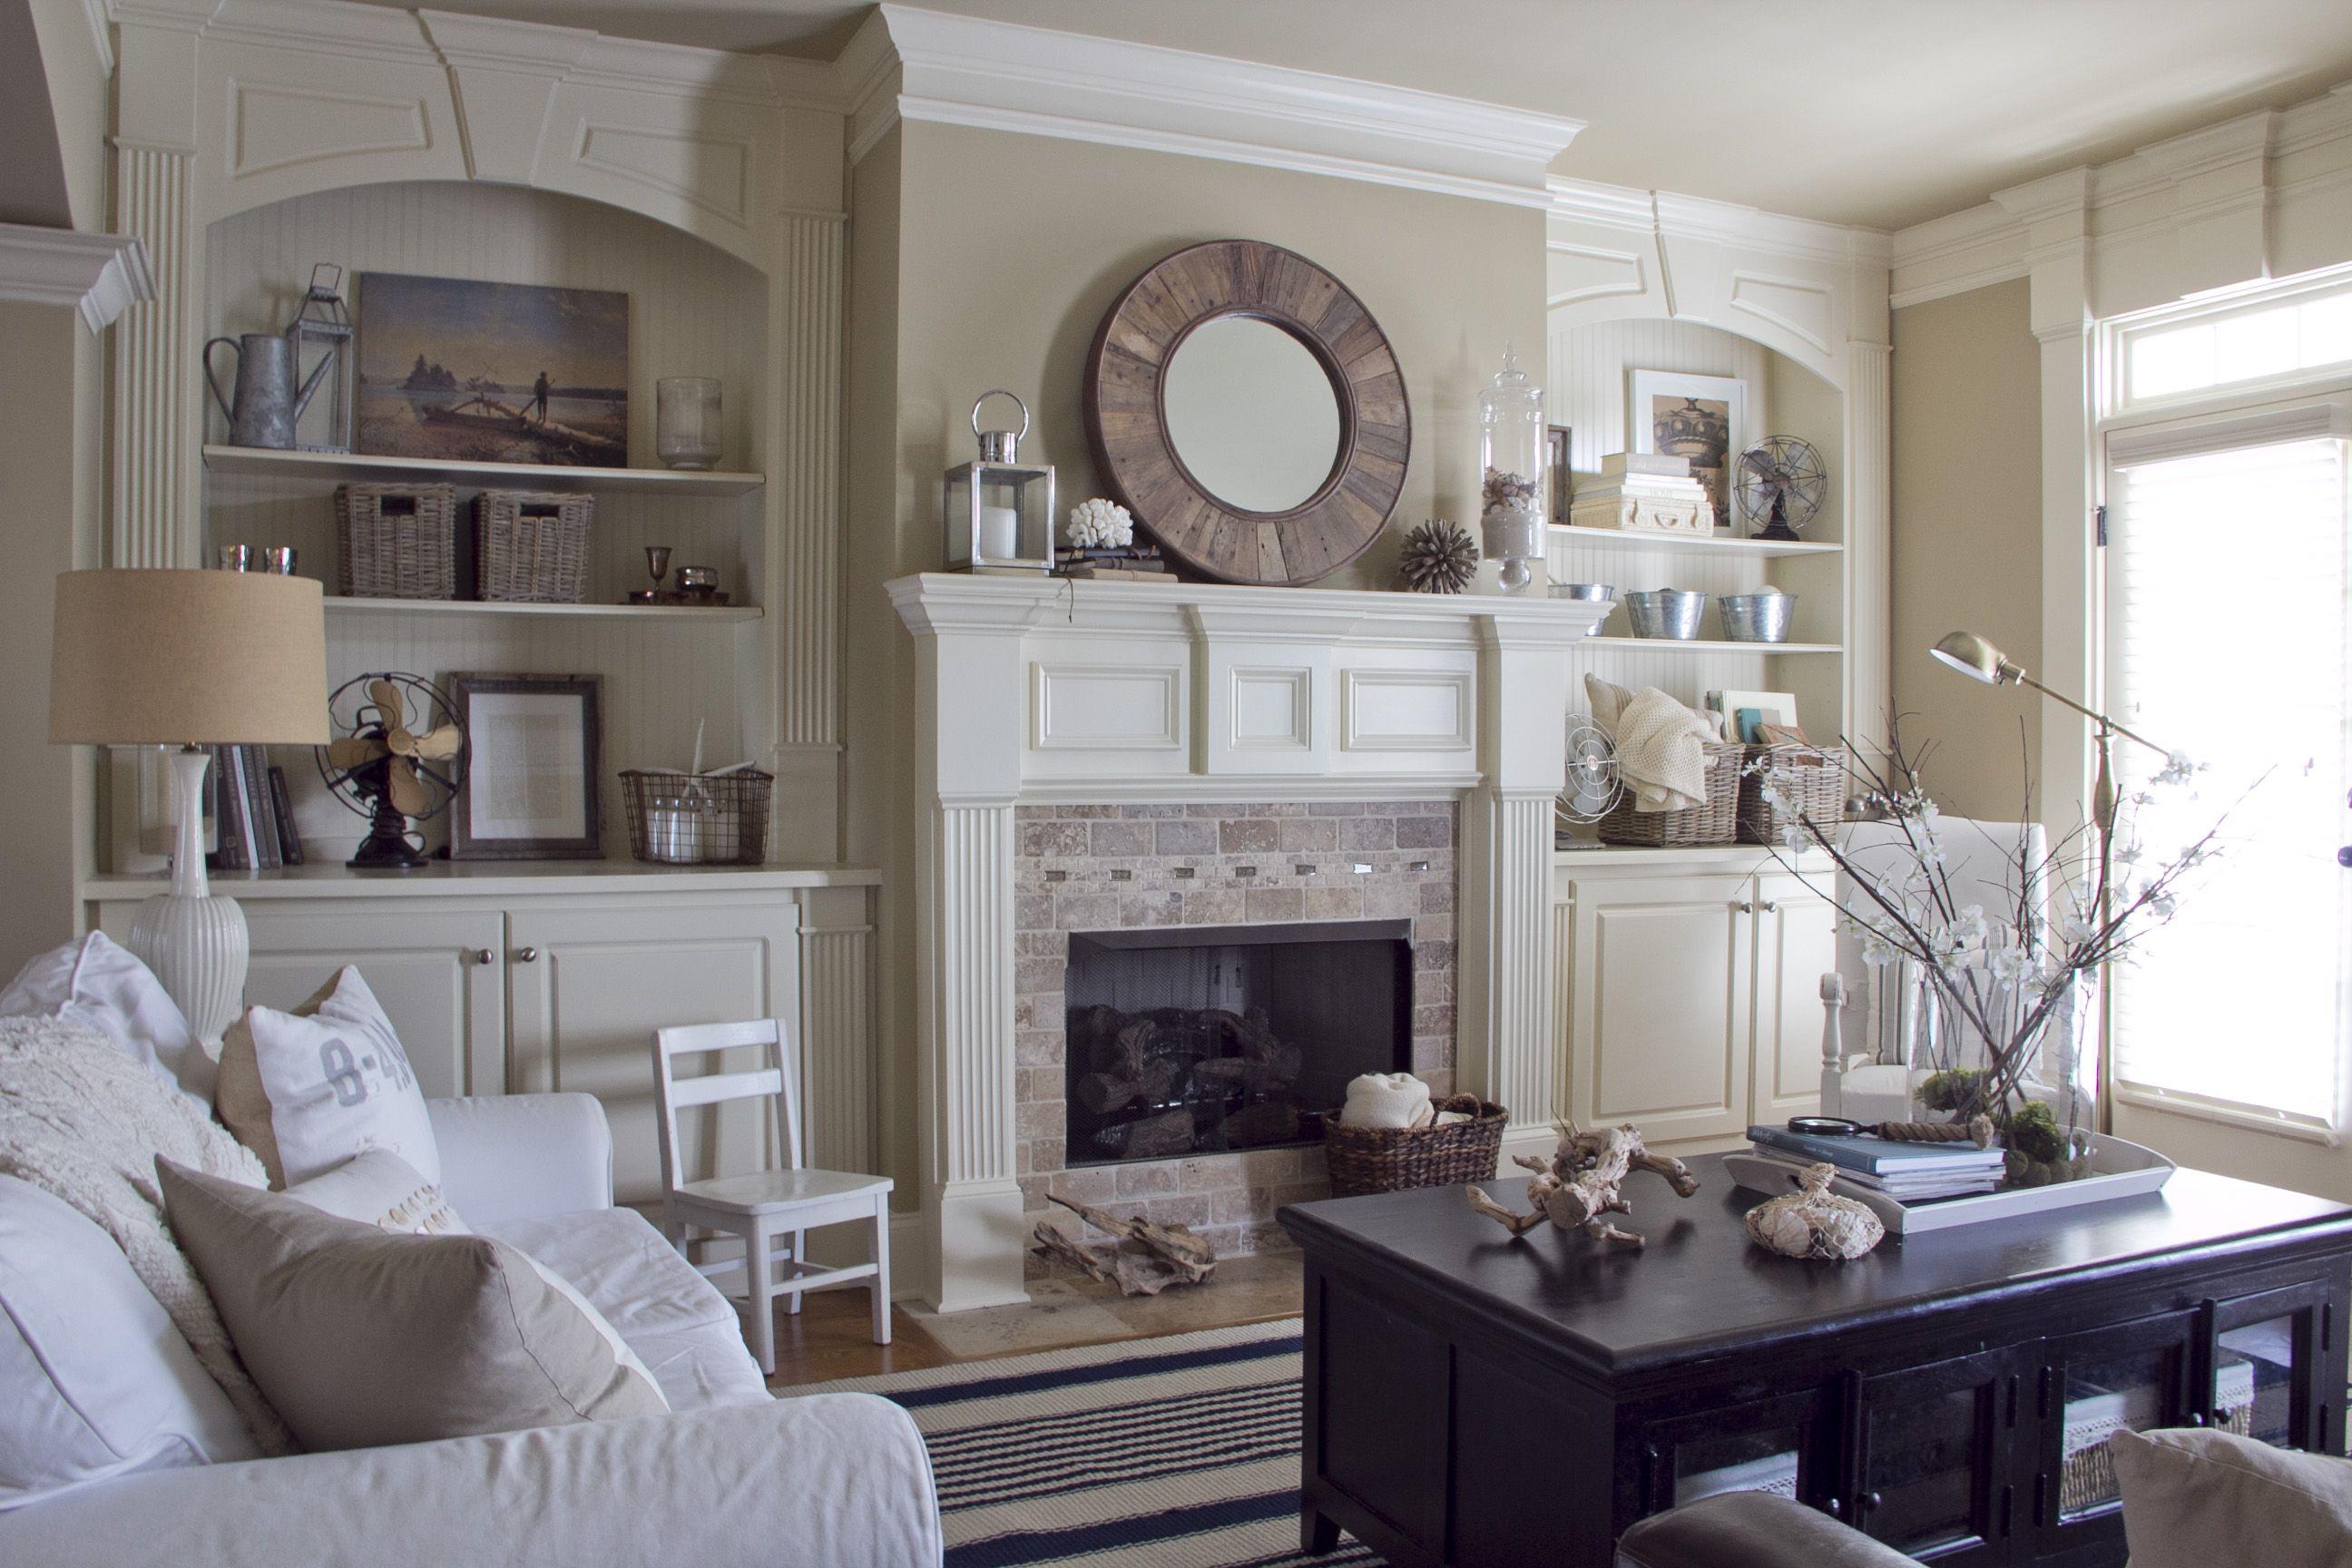 living room built in bookshelves